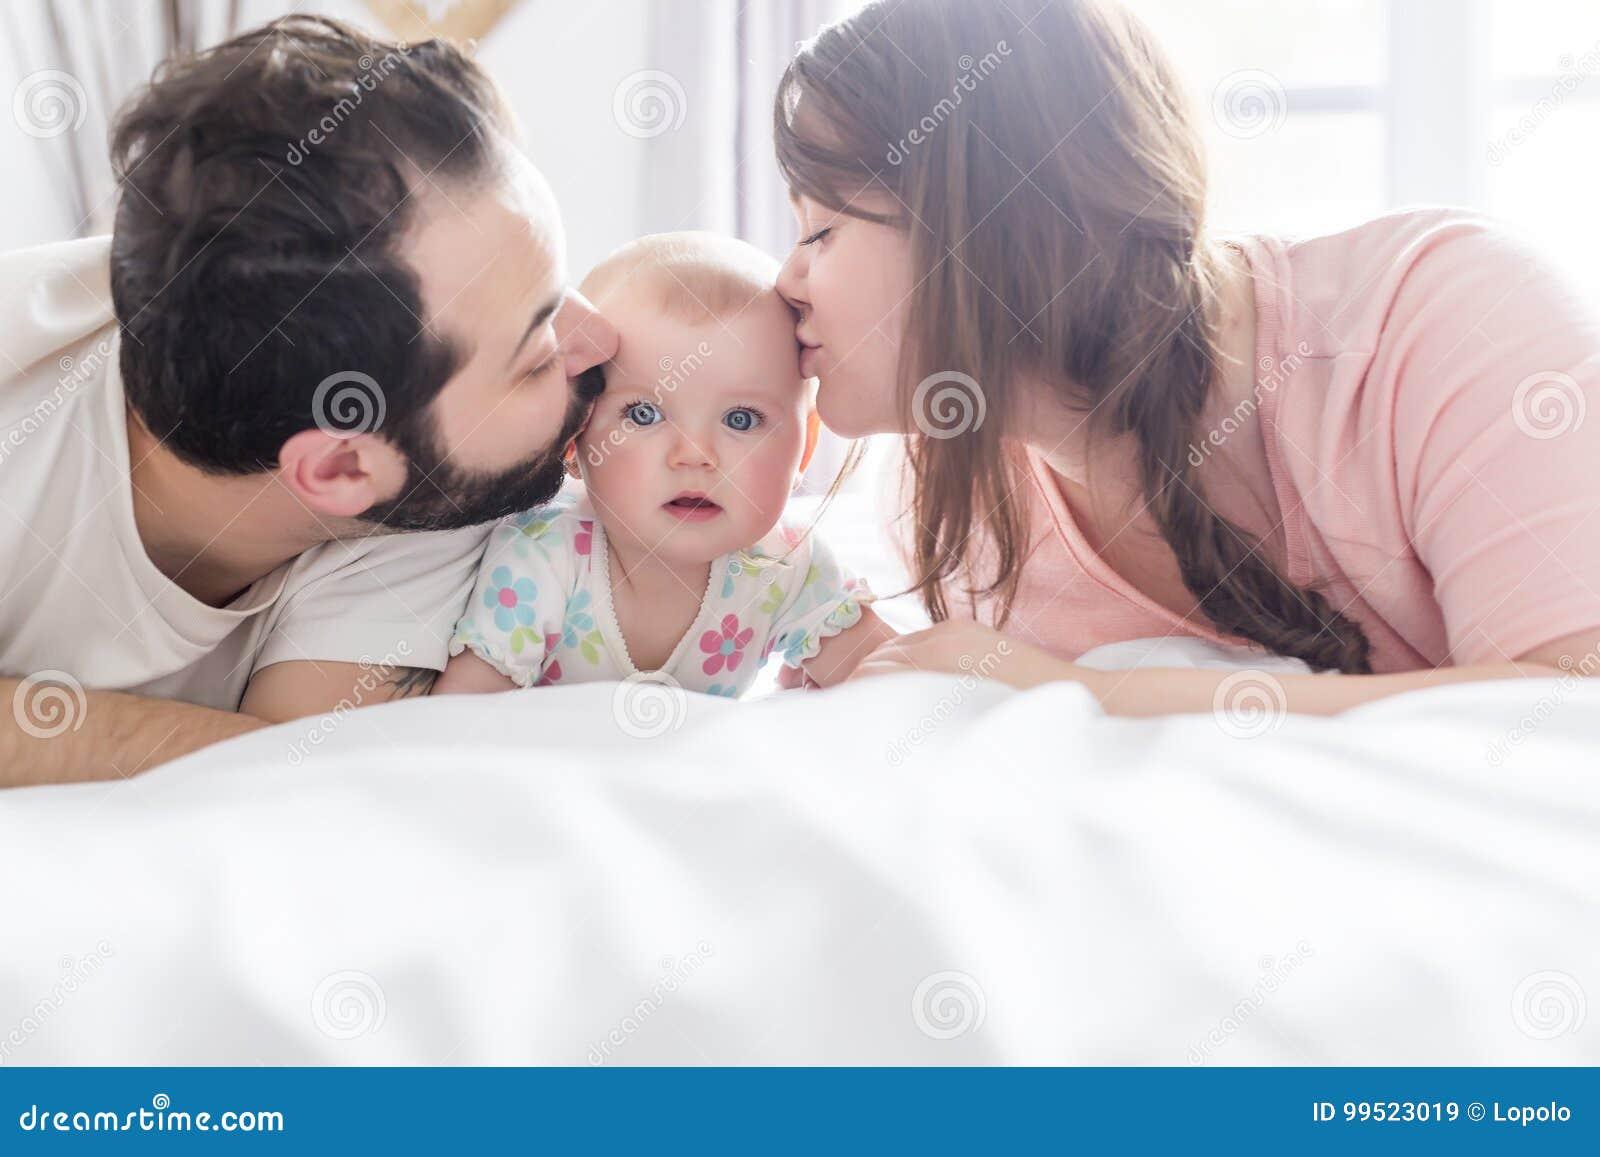 Datazione di una ragazza con un bambino papà